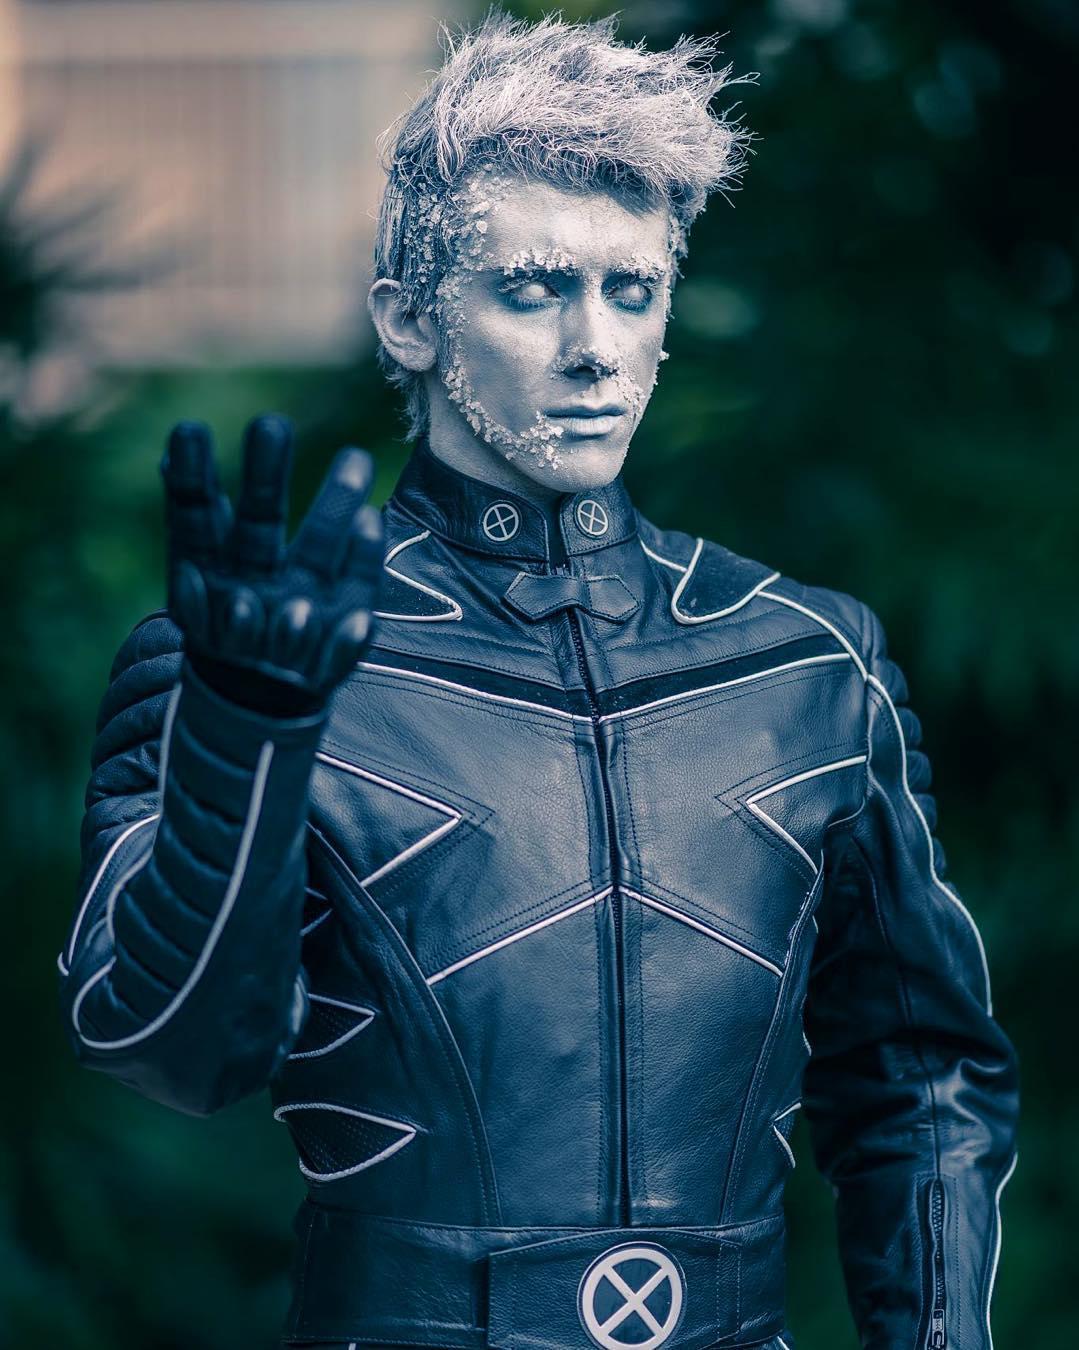 Iceman by chrisvillain – photo by Yorkinabox 2